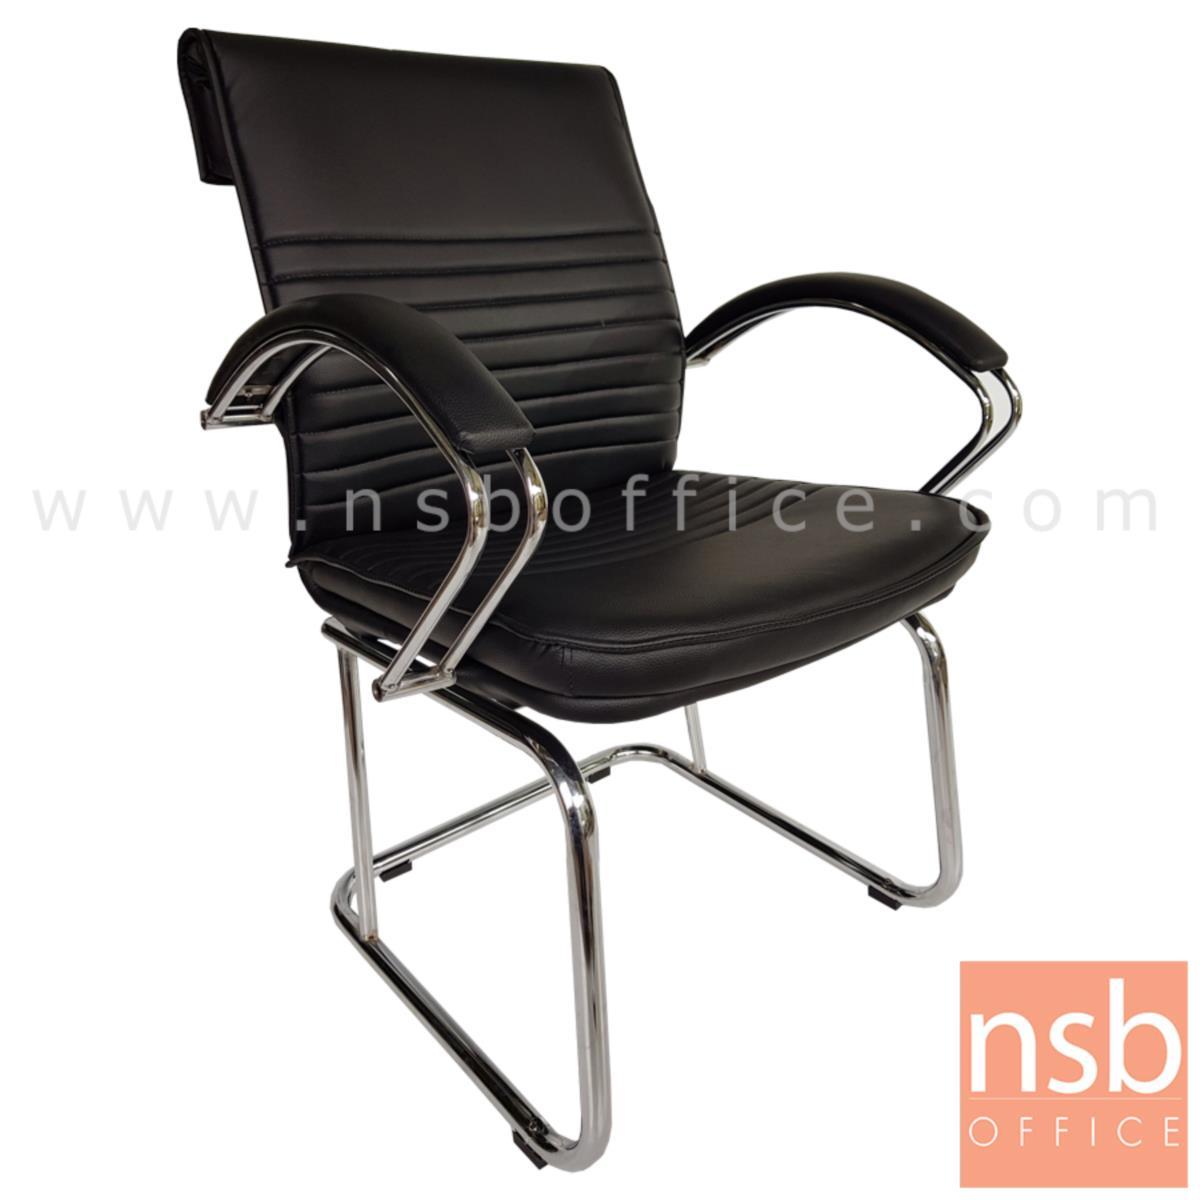 B04A086:เก้าอี้รับแขกขาตัวซี รุ่น KS-110C  ขาเหล็กชุบโครเมี่ยม